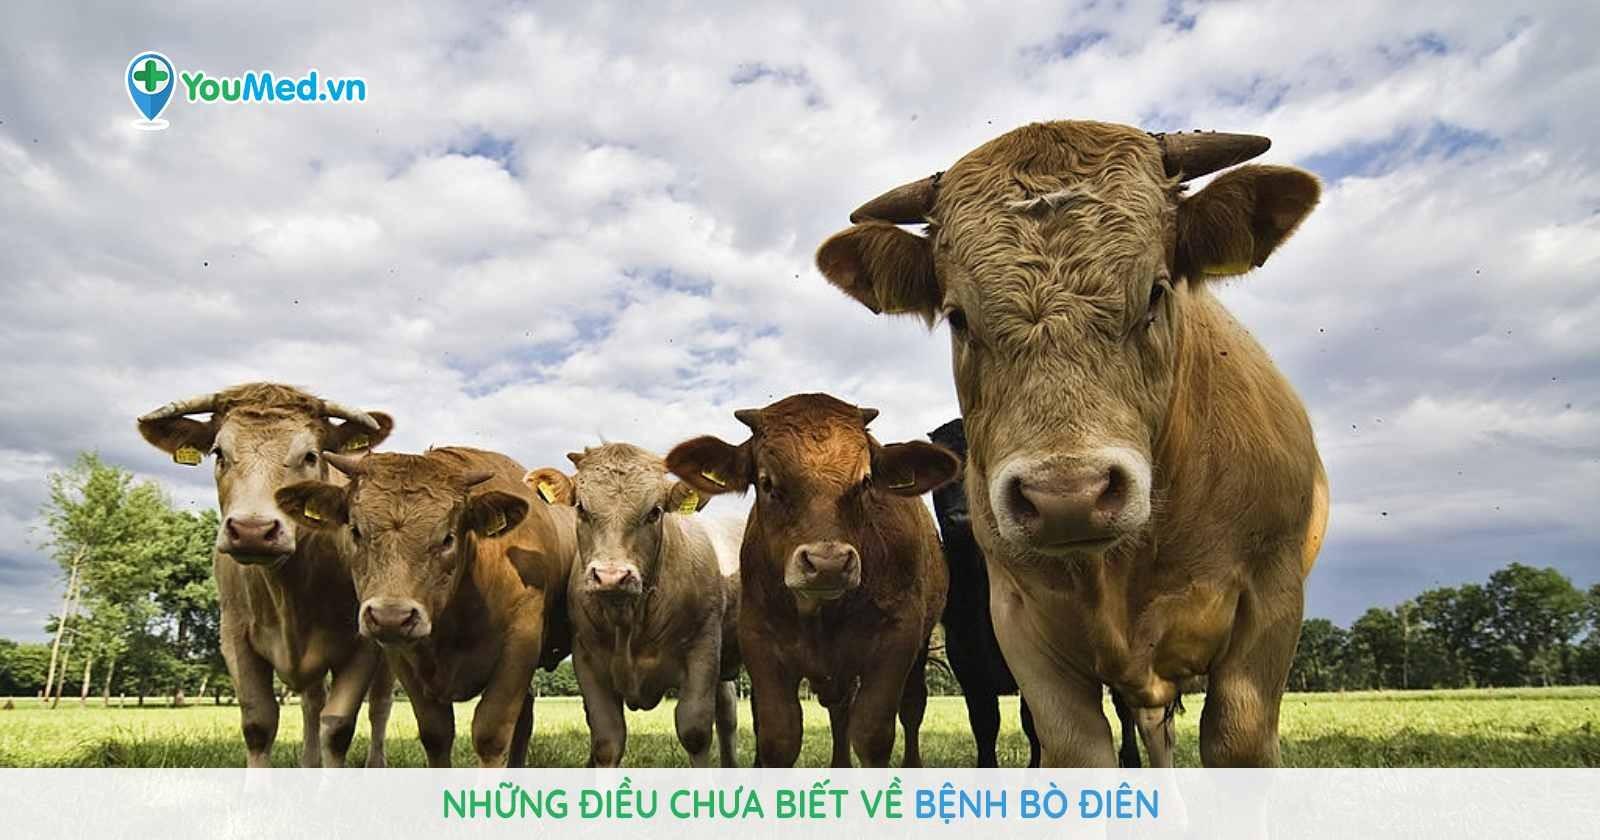 nhung-dieu-chua-biet-ve-benh-bo-dien